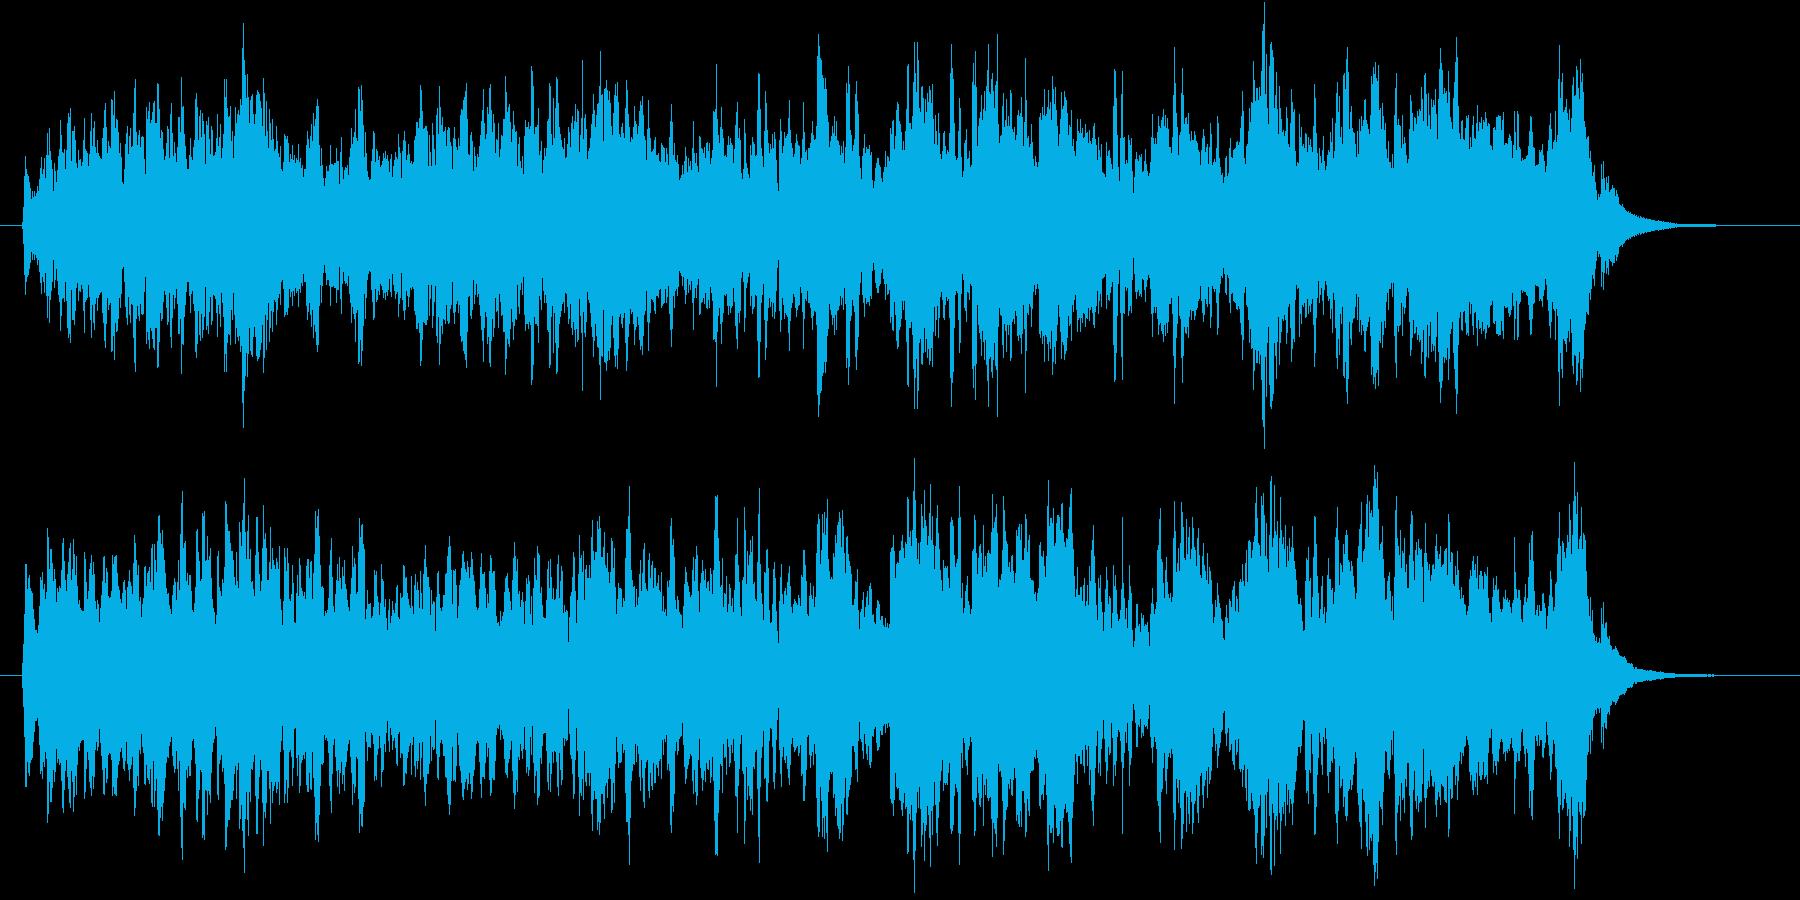 空中庭園(優雅・ソフト)【オーケストラ】の再生済みの波形